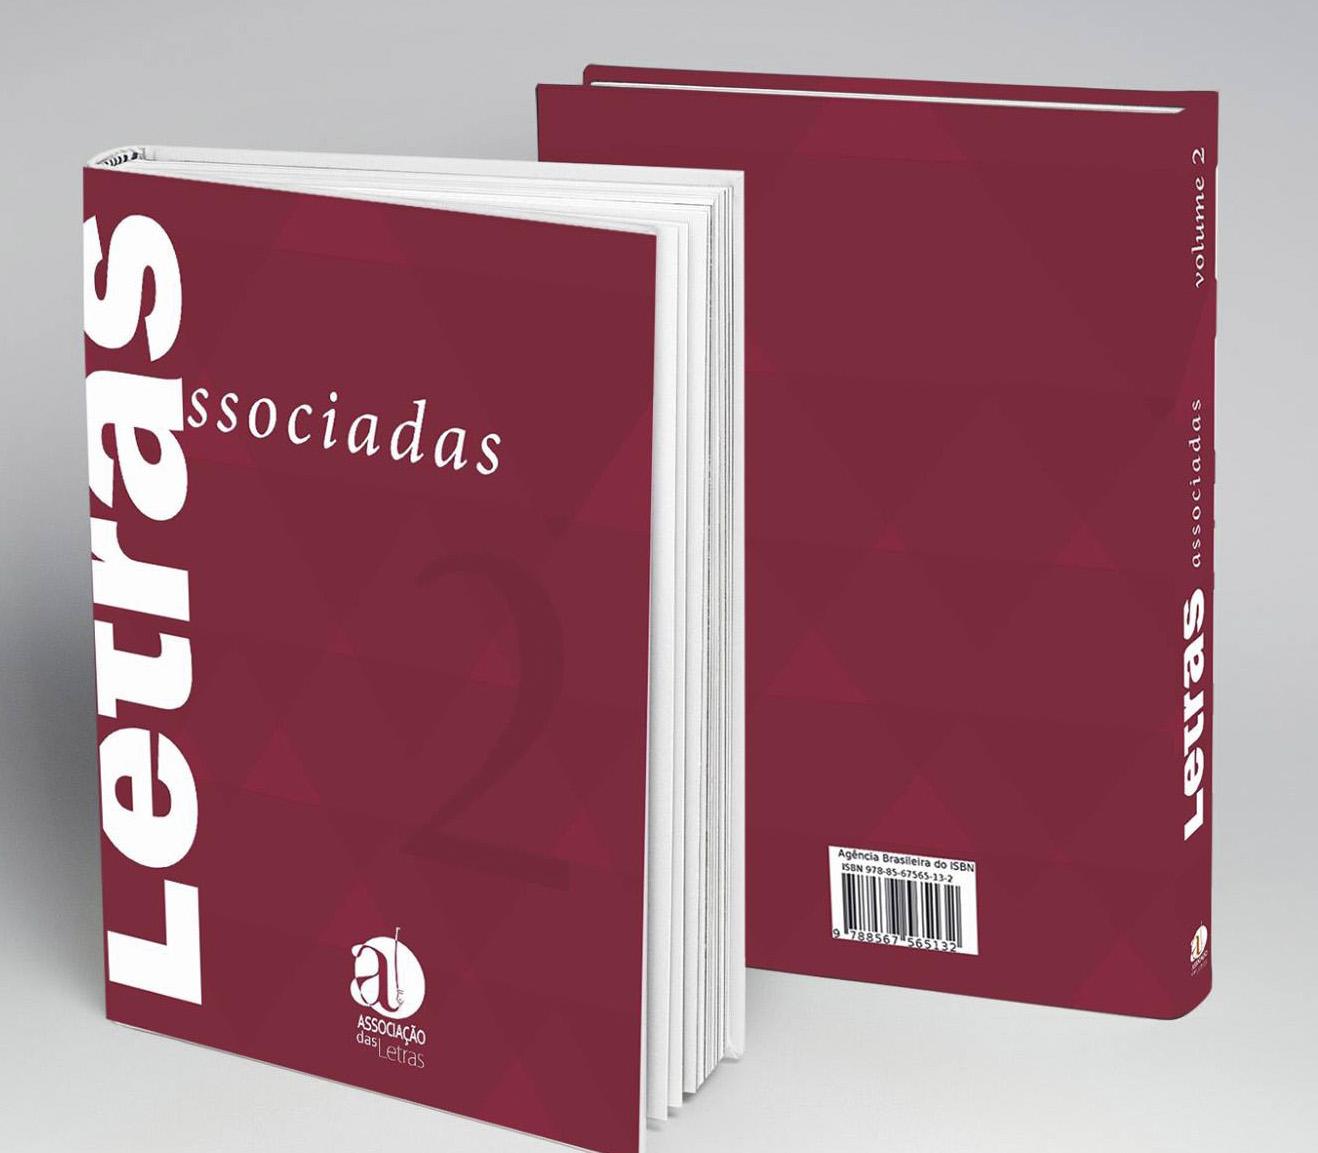 """Associação das Letras lança a segunda edição de bolso da mini antologia """"Letras Associadas"""""""